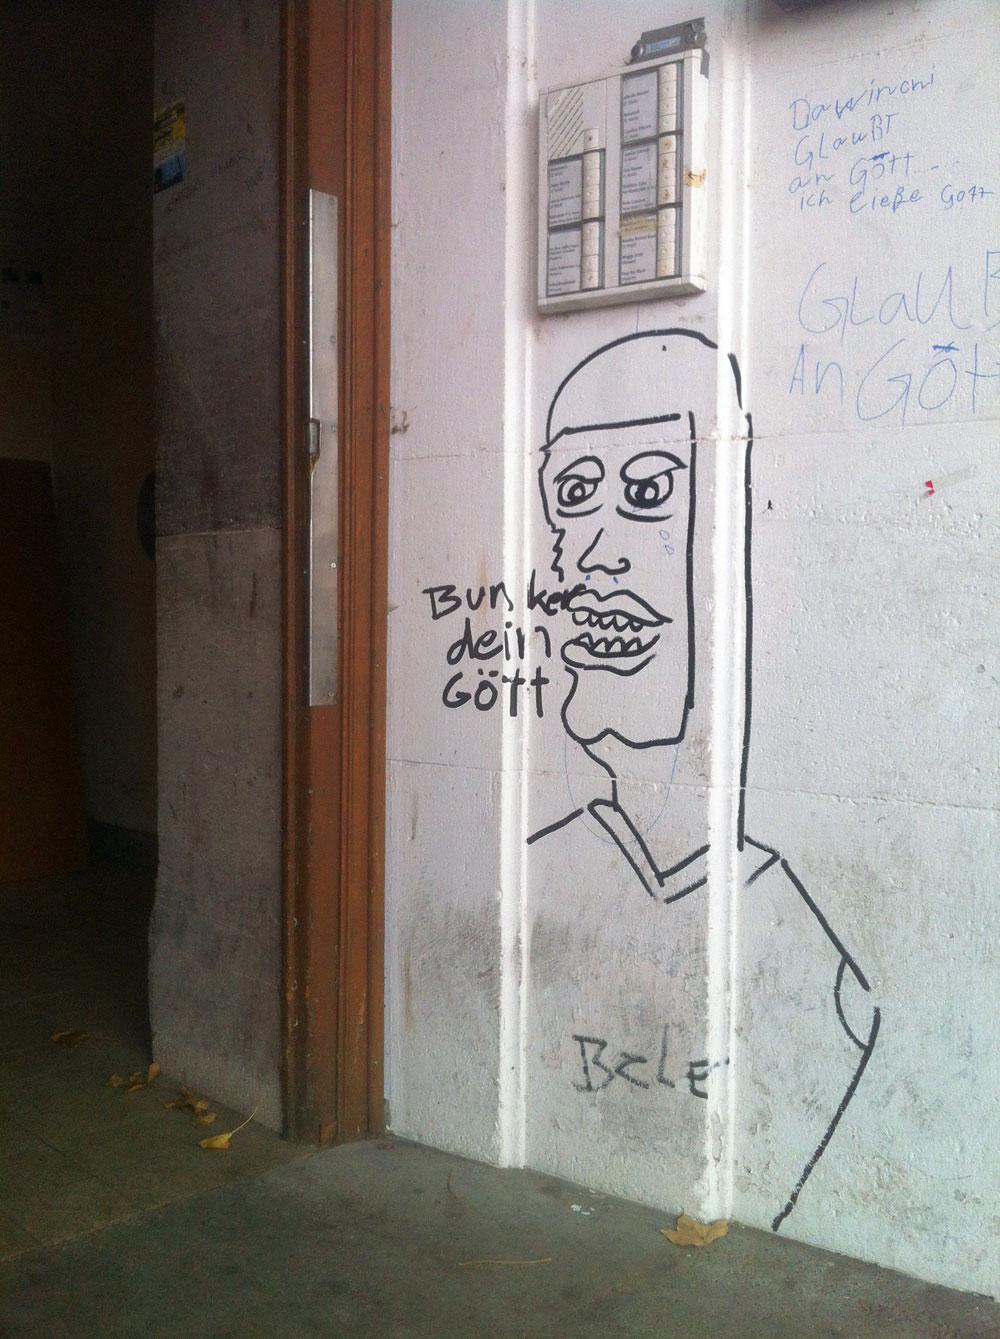 Celo & Abdi - Bunker dein Gött